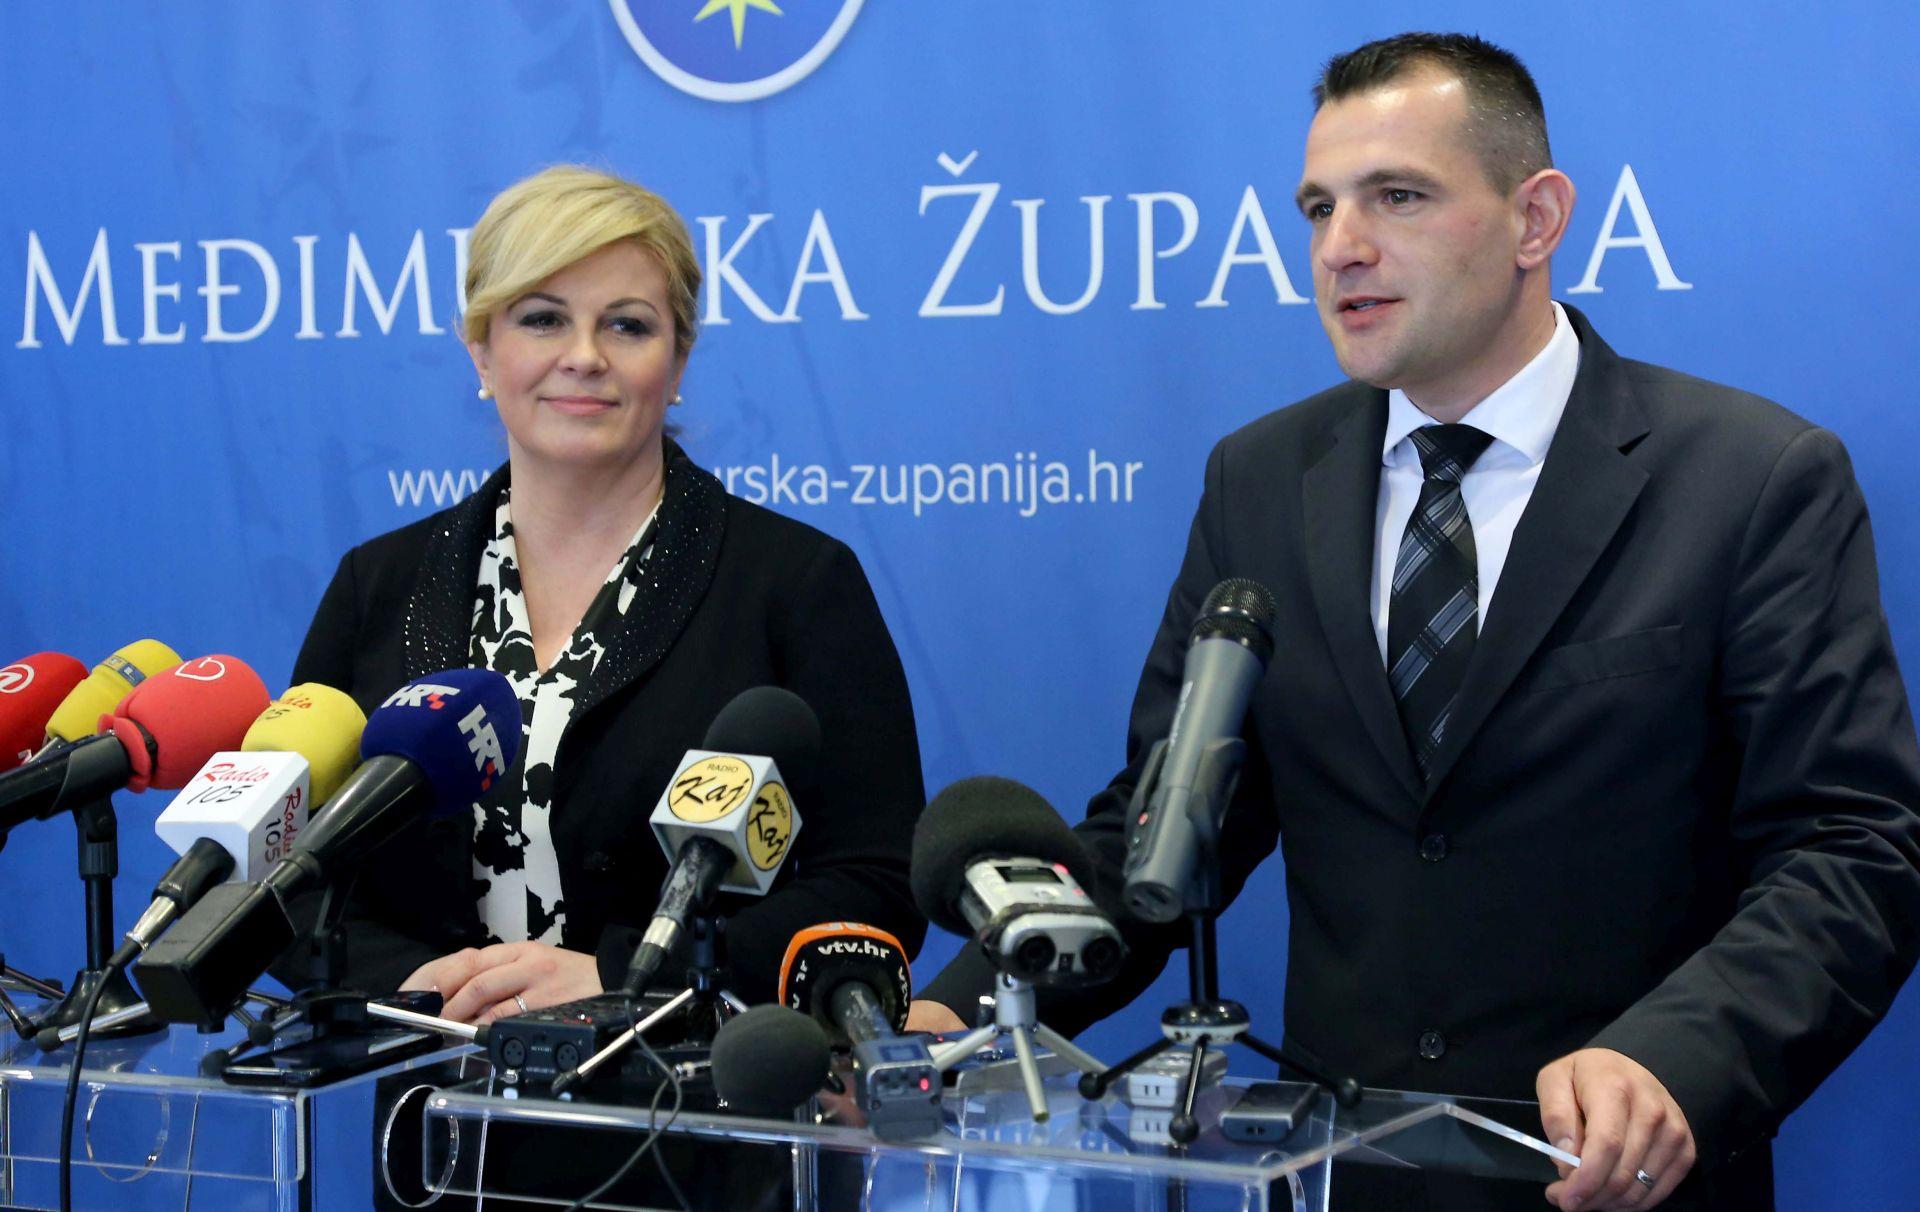 Grabar Kitarović: Zadržati sadašnji sastav županija, ali ga učiniti racionalnim